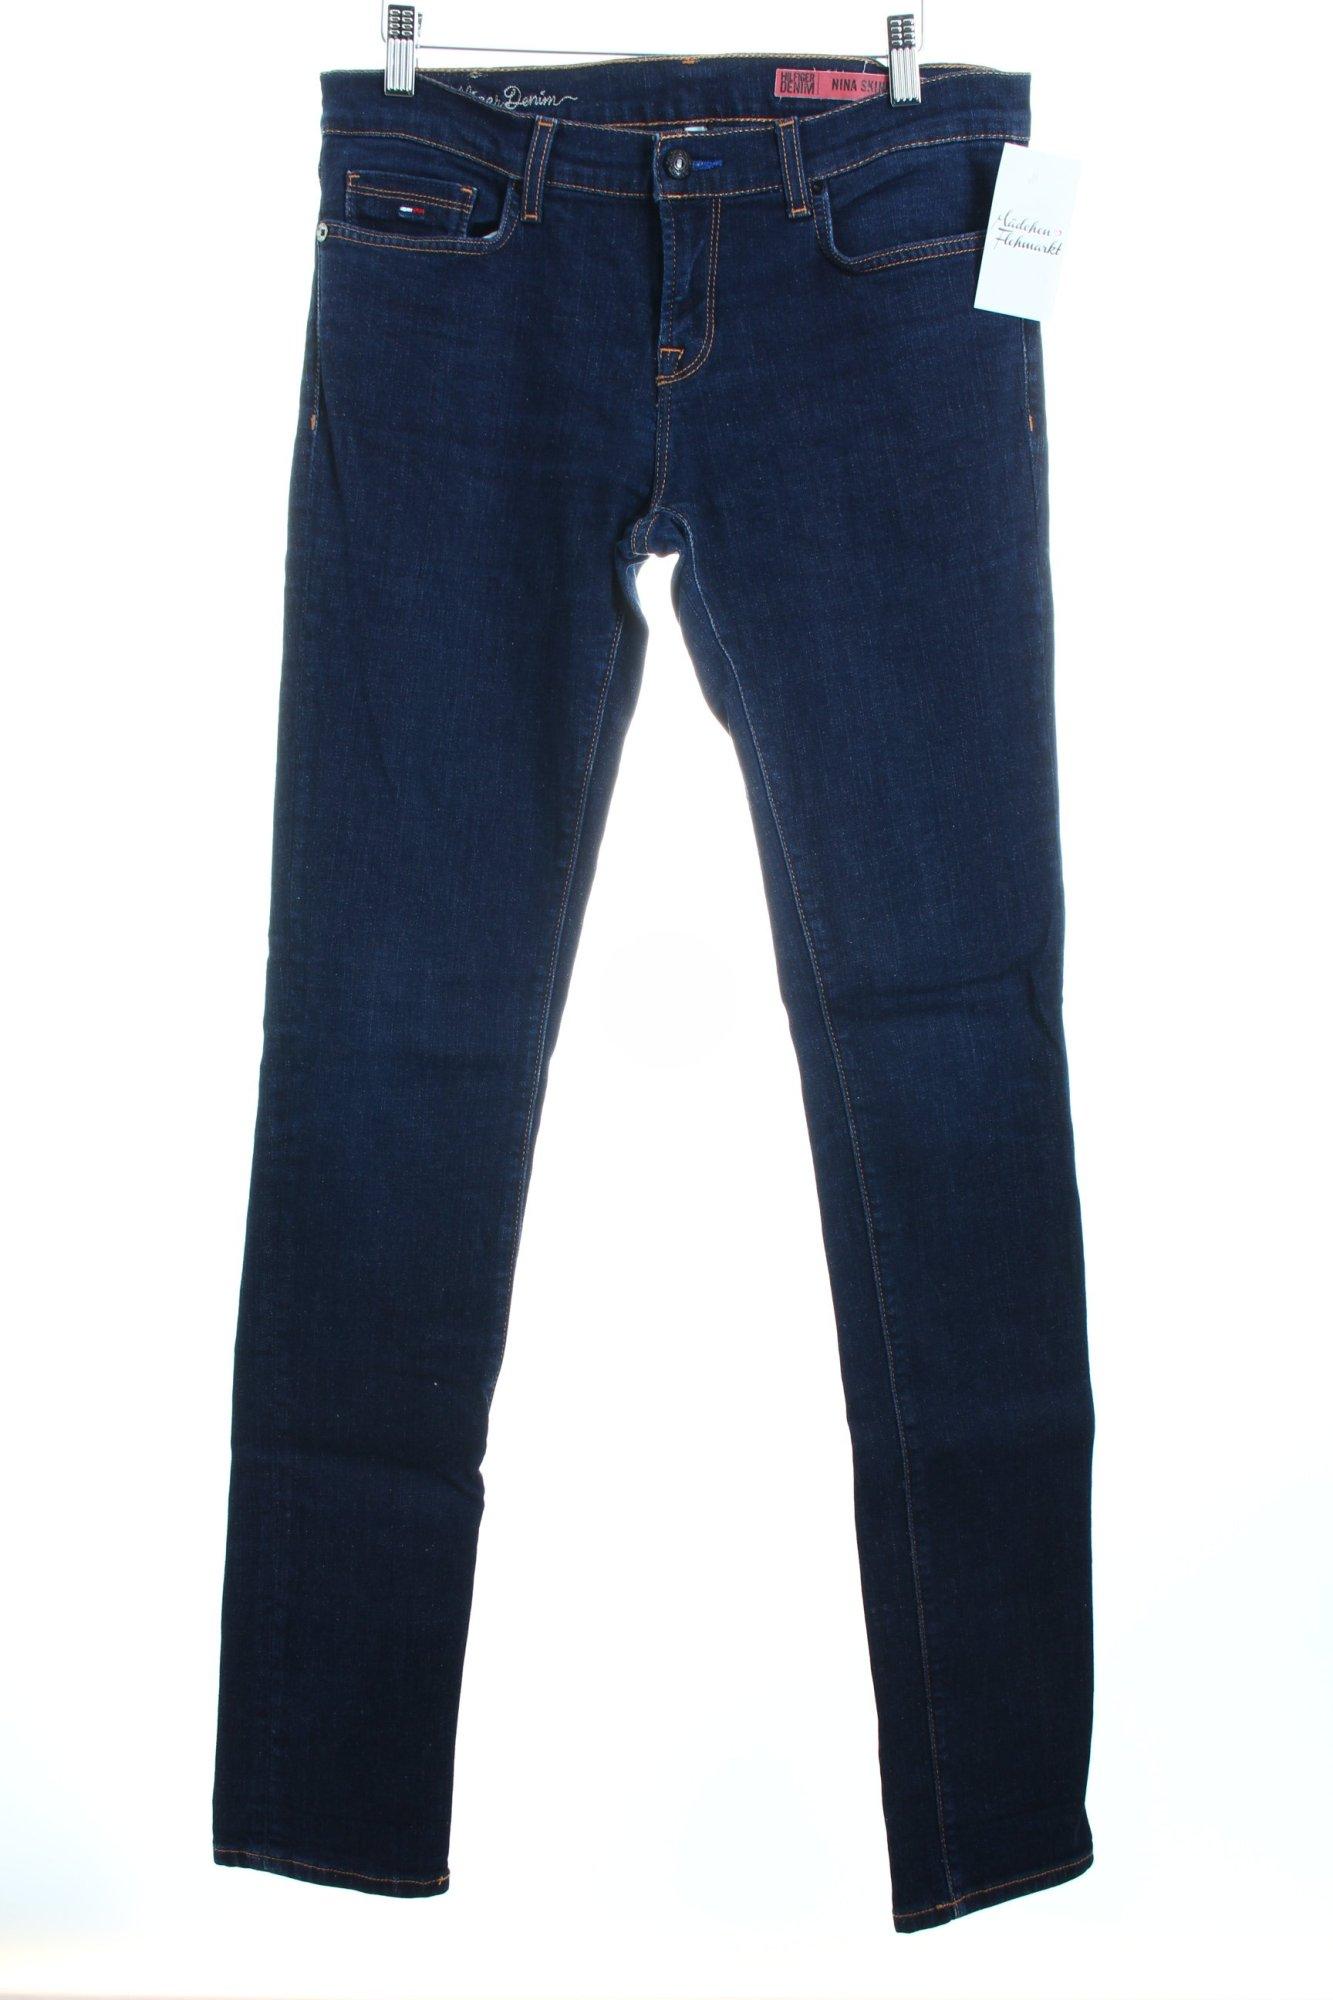 hilfiger denim skinny jeans nina skinny dunkelblau damen. Black Bedroom Furniture Sets. Home Design Ideas